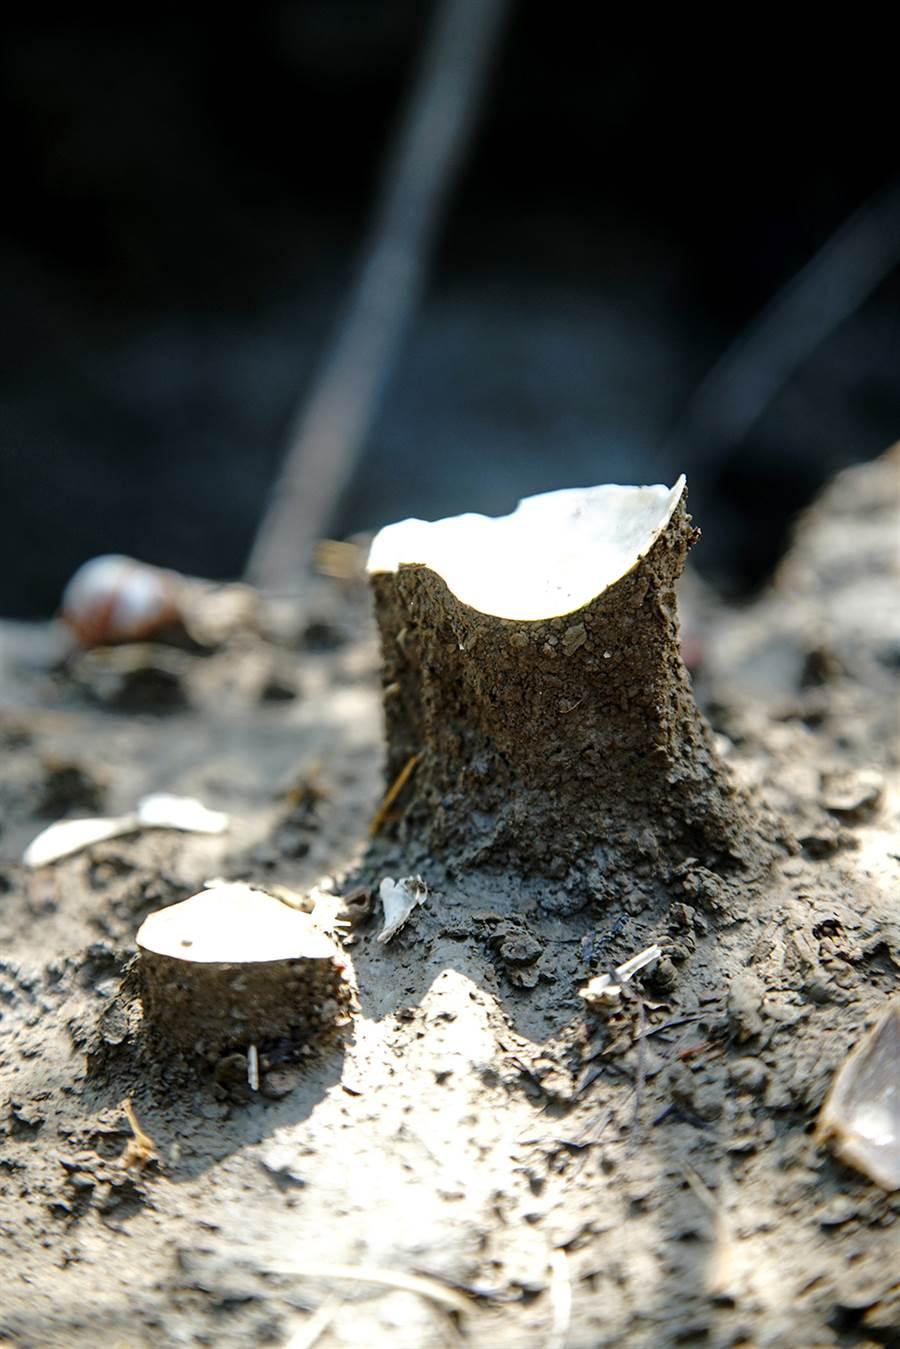 土指是一種細小指狀突起,通常頂上有一顆石粒或樹葉覆蓋,靠這粒小石保護石部泥土,抵抗雨滴的打擊。 (攝影/曾信耀)